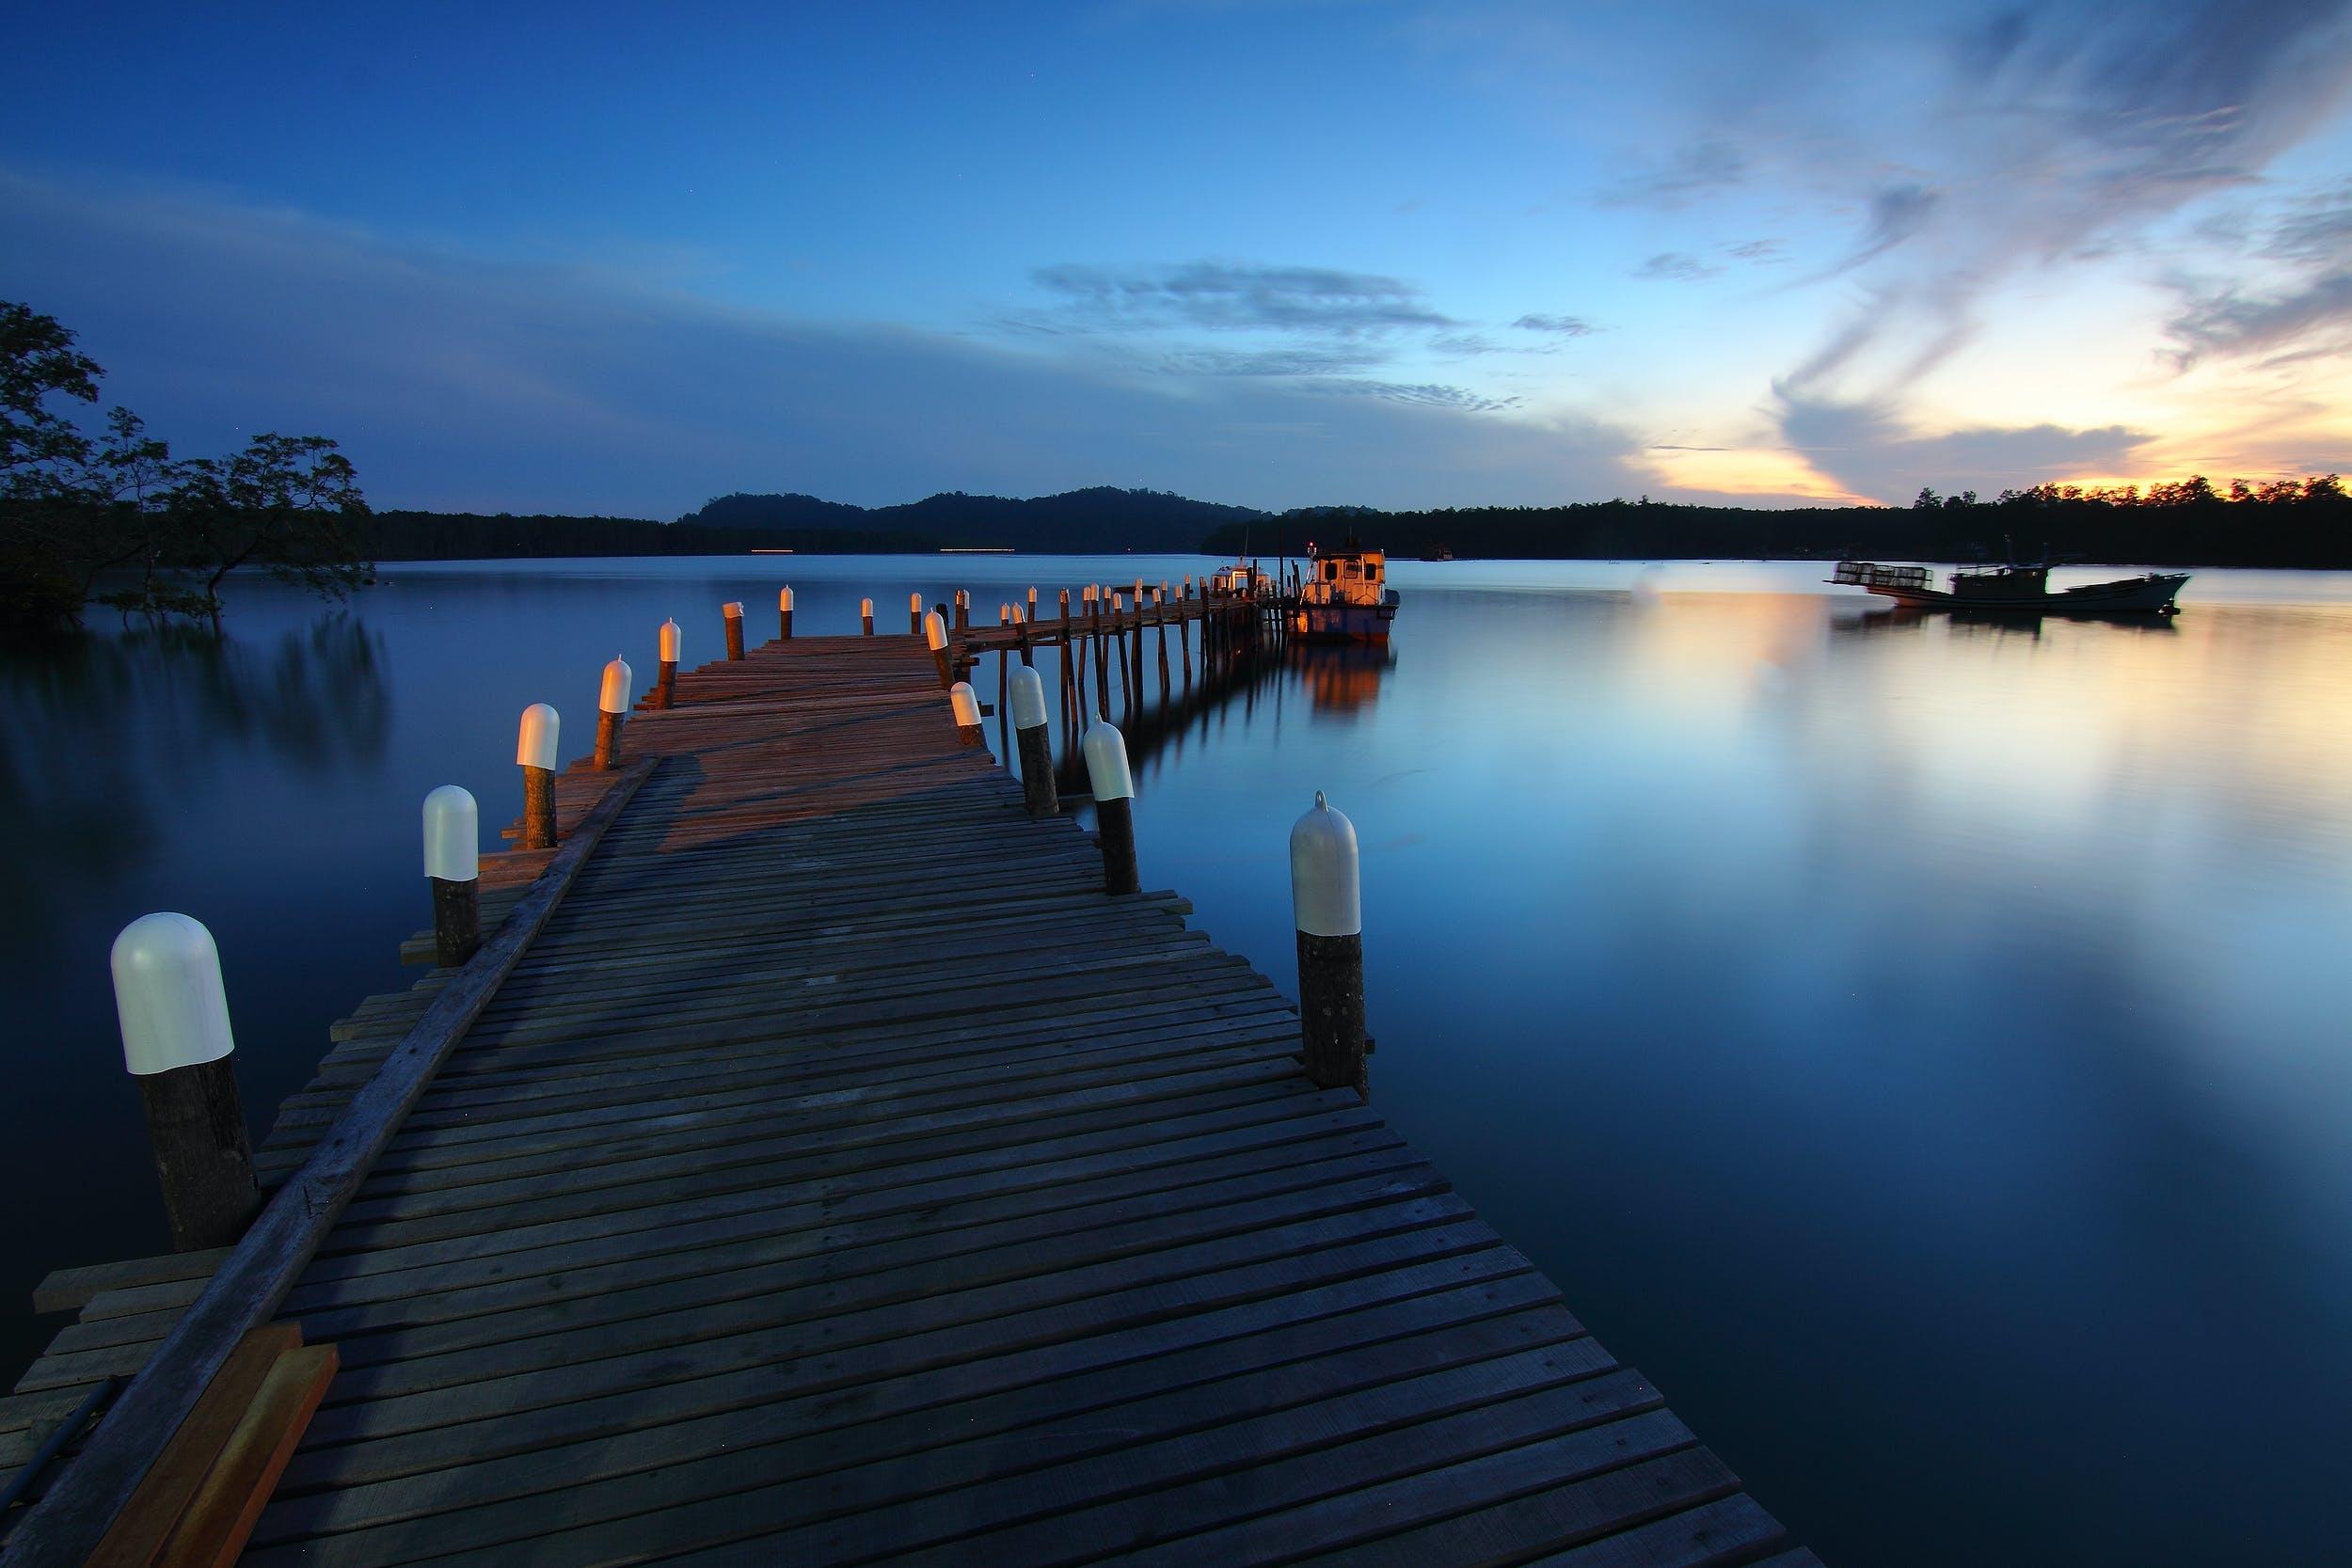 Gratis lagerfoto af anløbsbro, båd, hav, havn